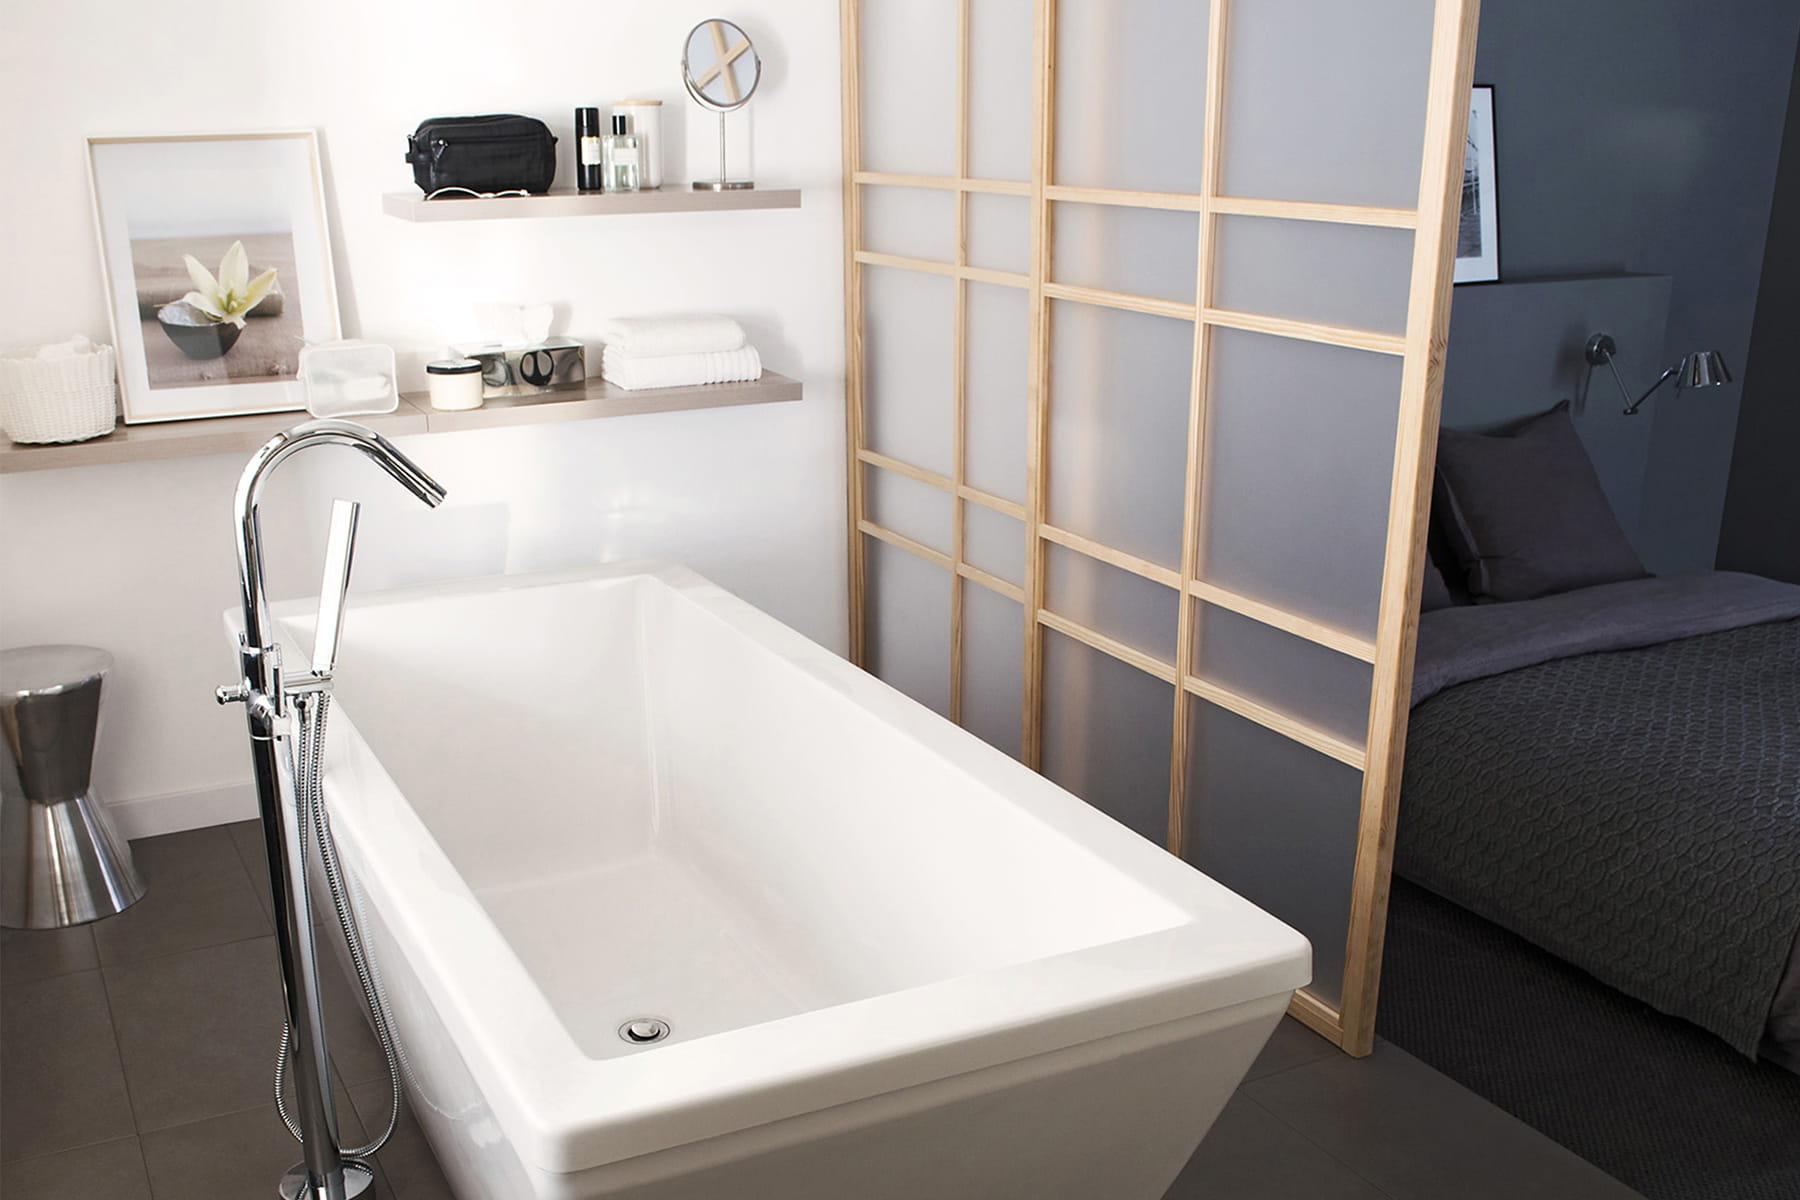 une salle de bains privative des cloisons amovibles et